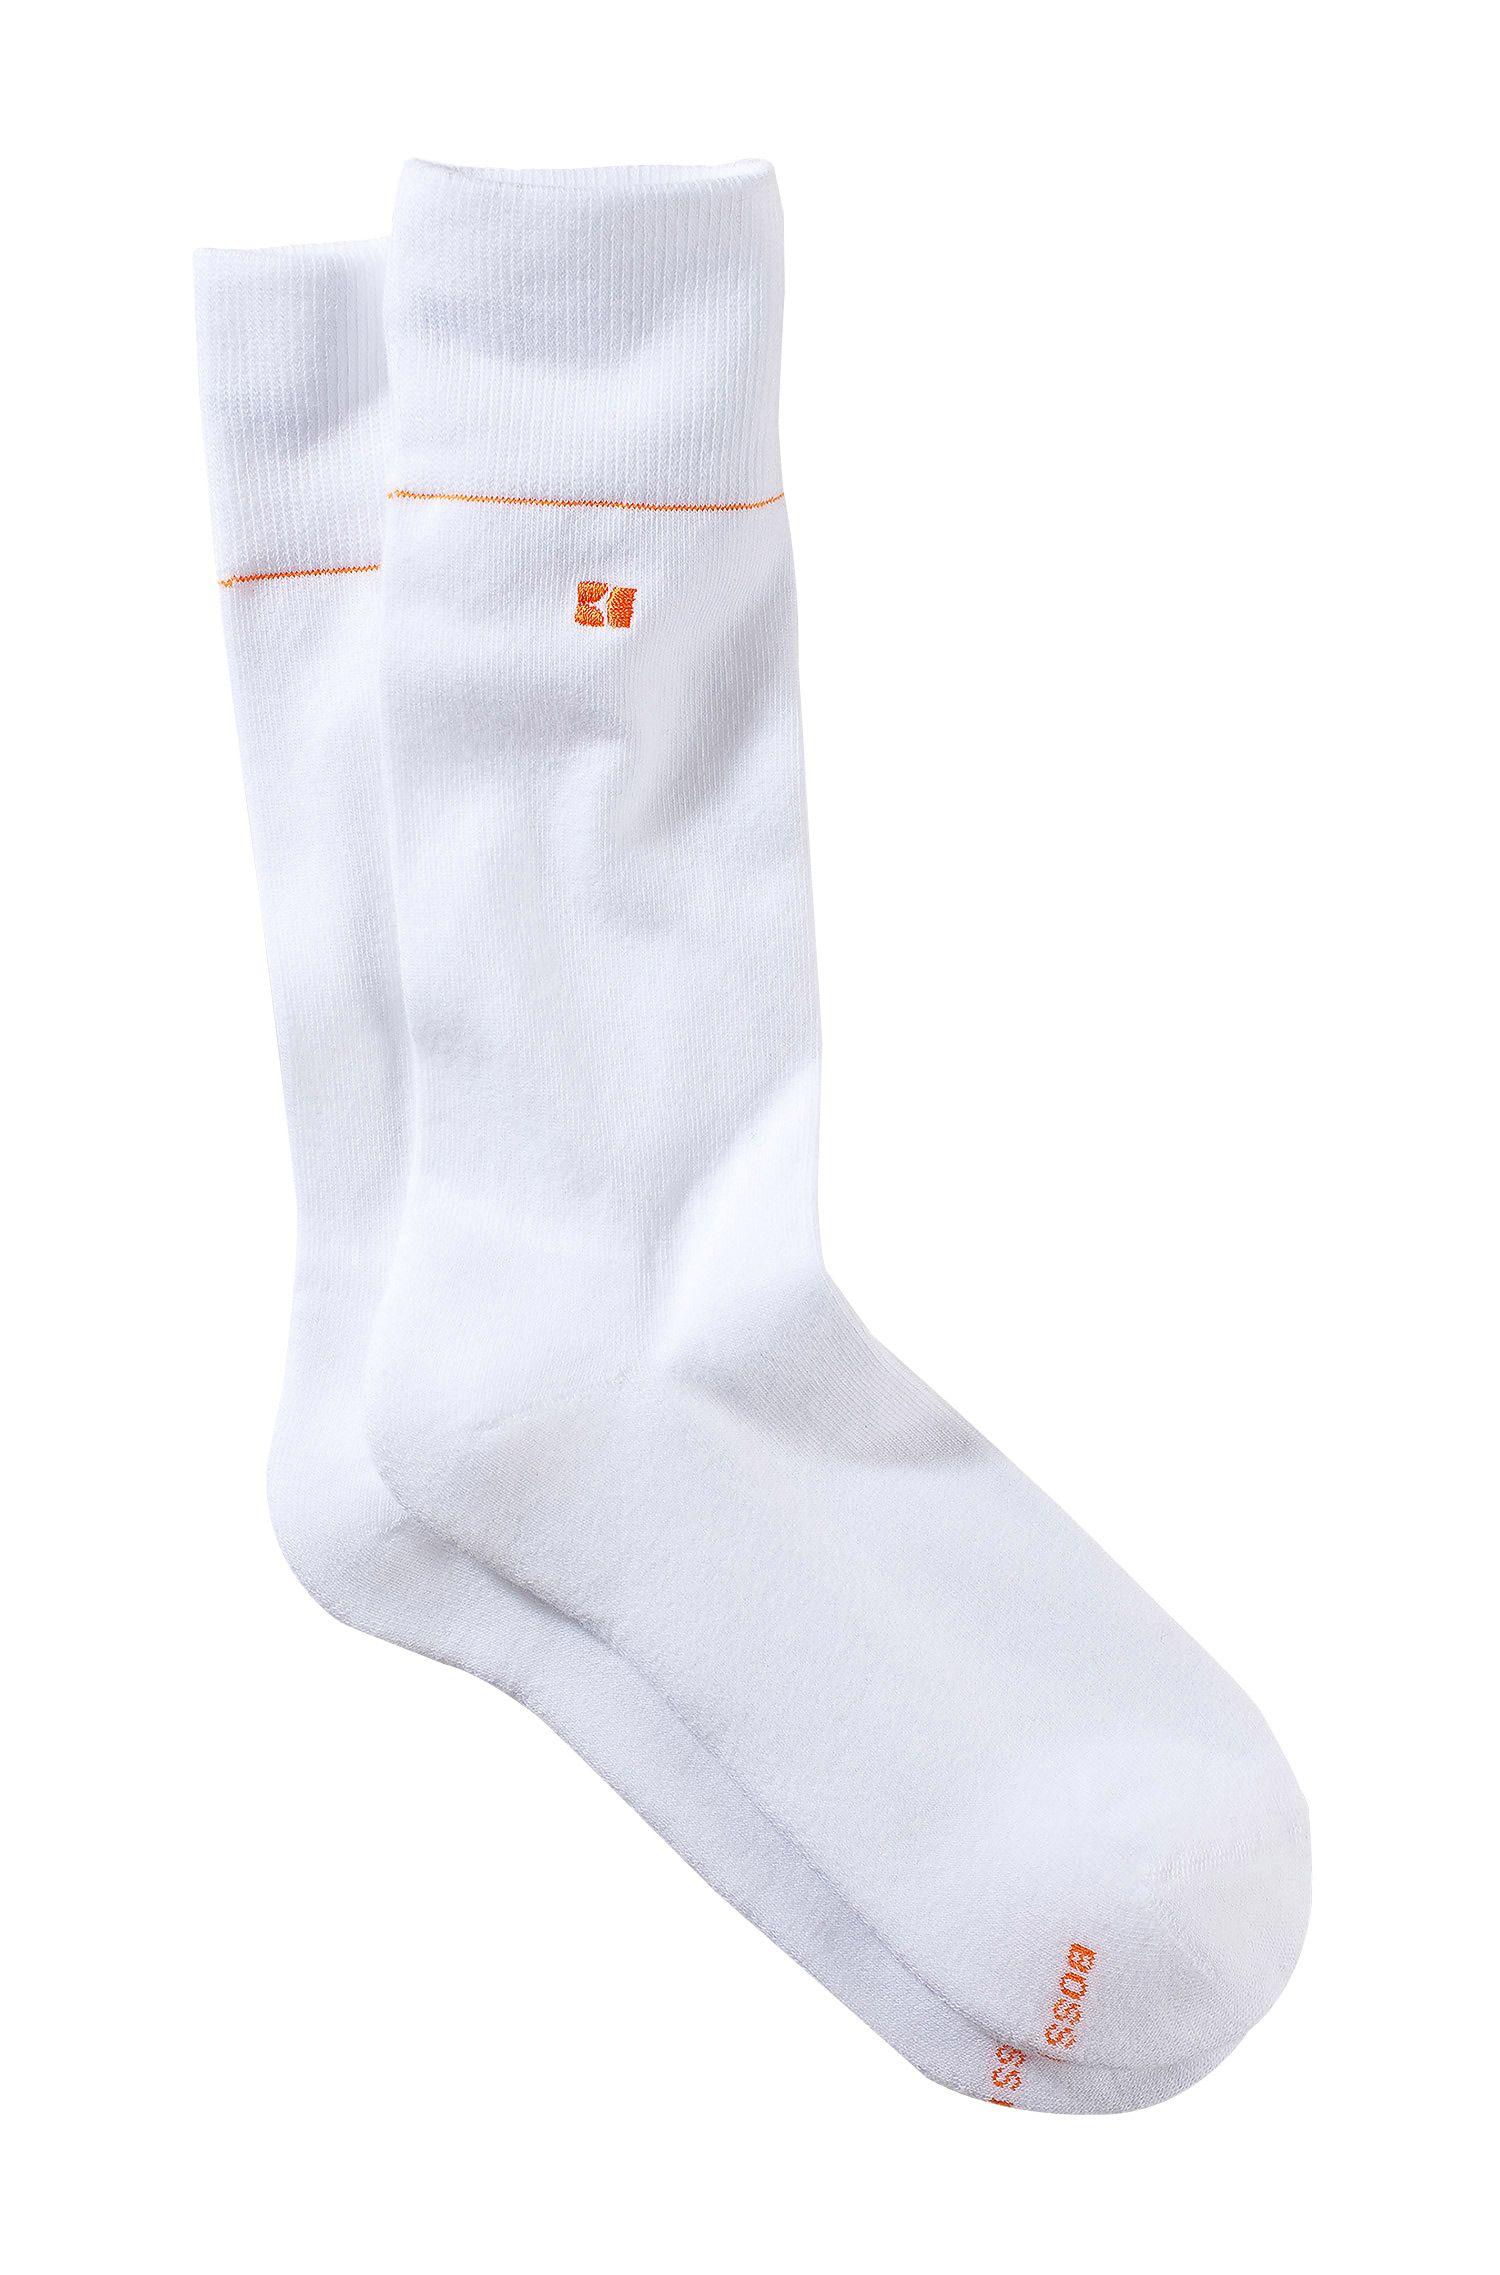 Chaussettes en coton, Axel RS Uni